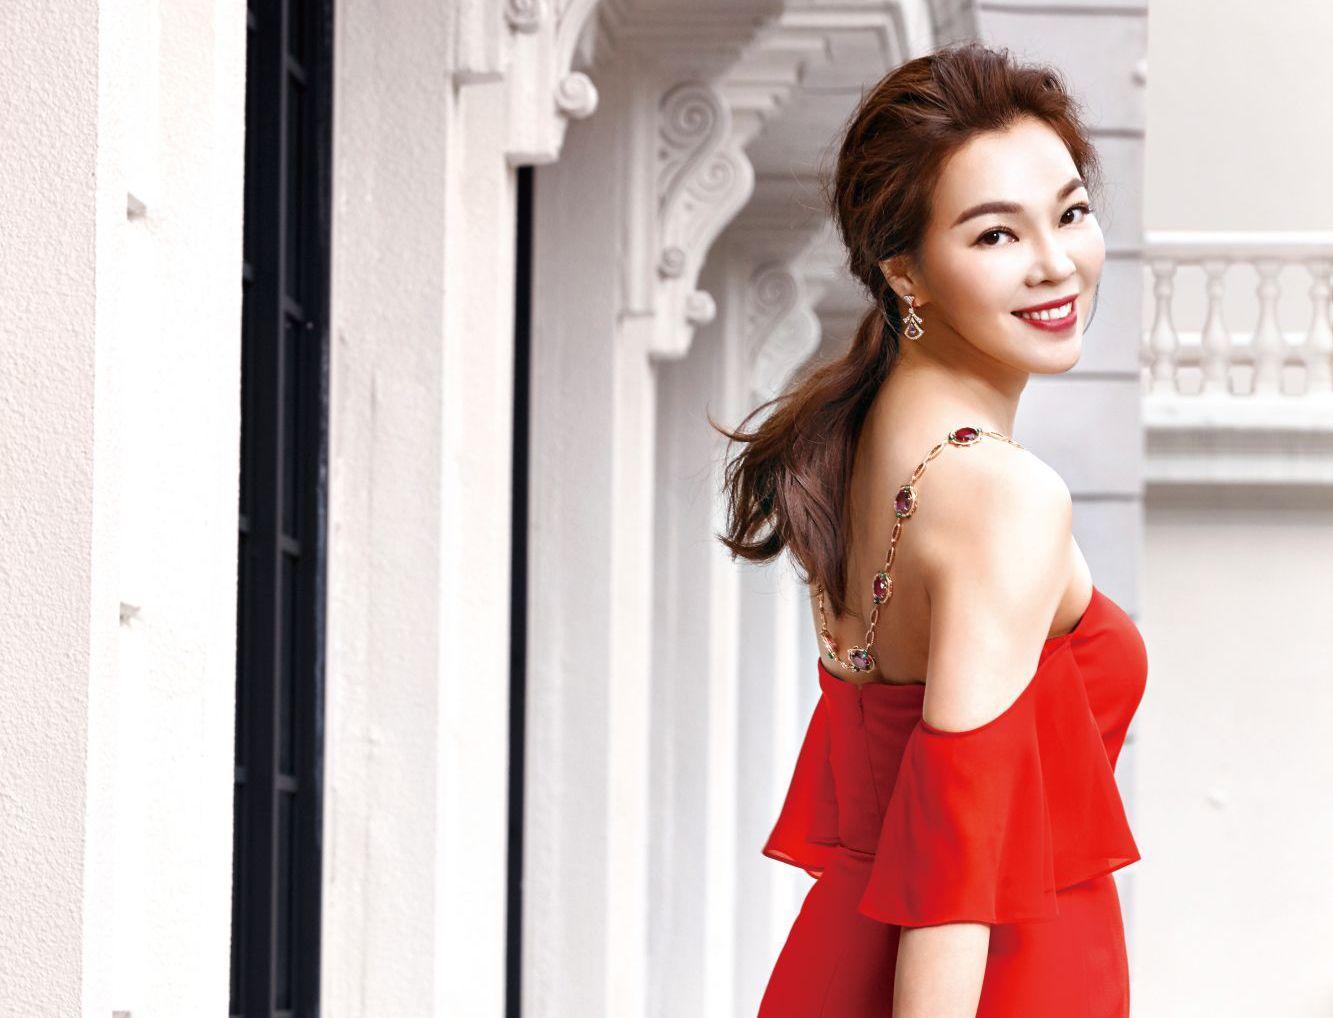 「我希望我60歲的時候也能像她一樣。」曾馨瑩最欣賞的女性是⋯⋯?